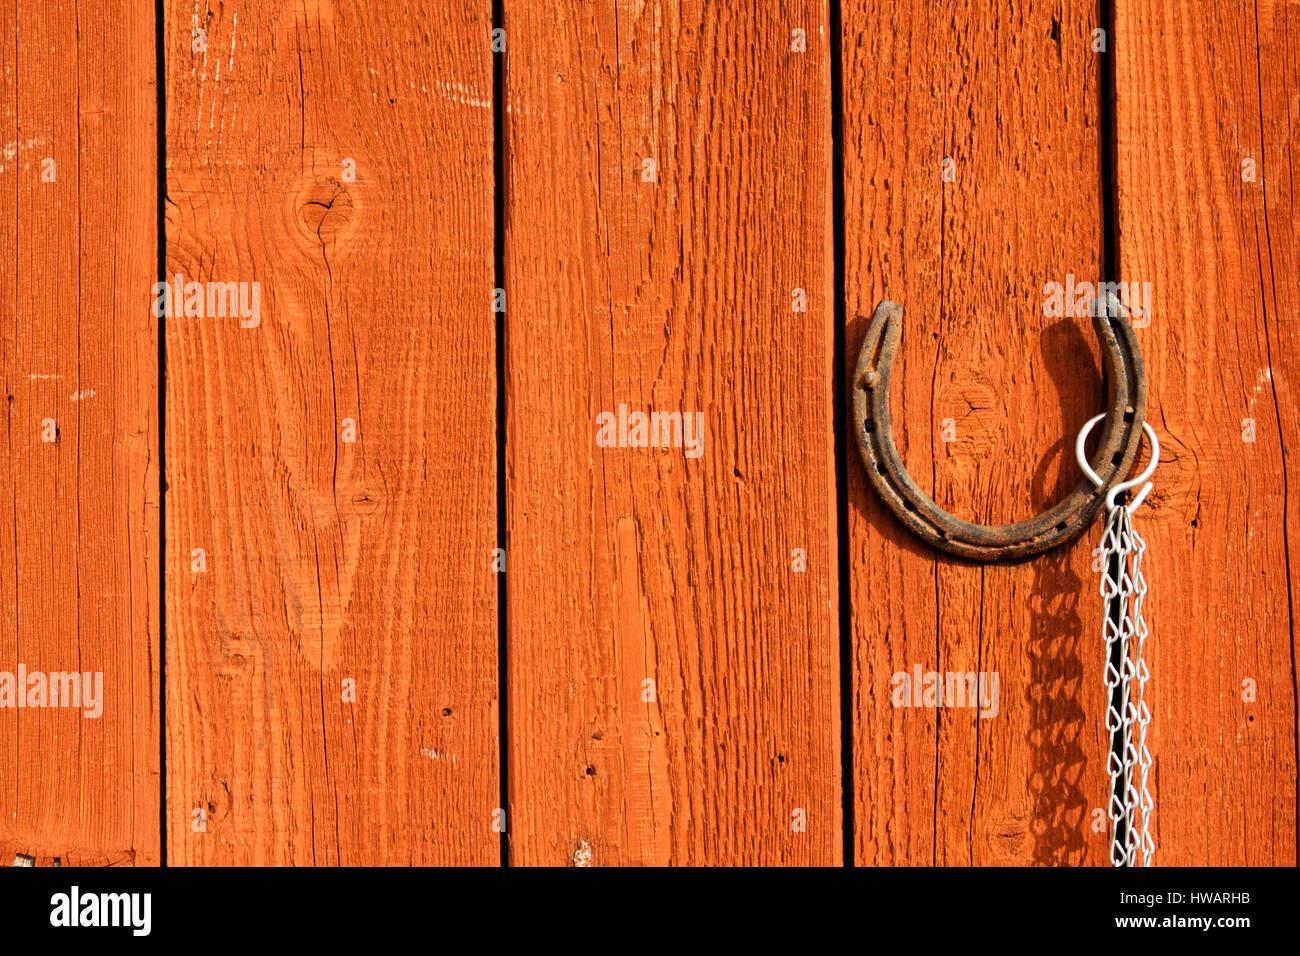 Old Rusty Horseshoe Hanging On A Brown Wooden Door